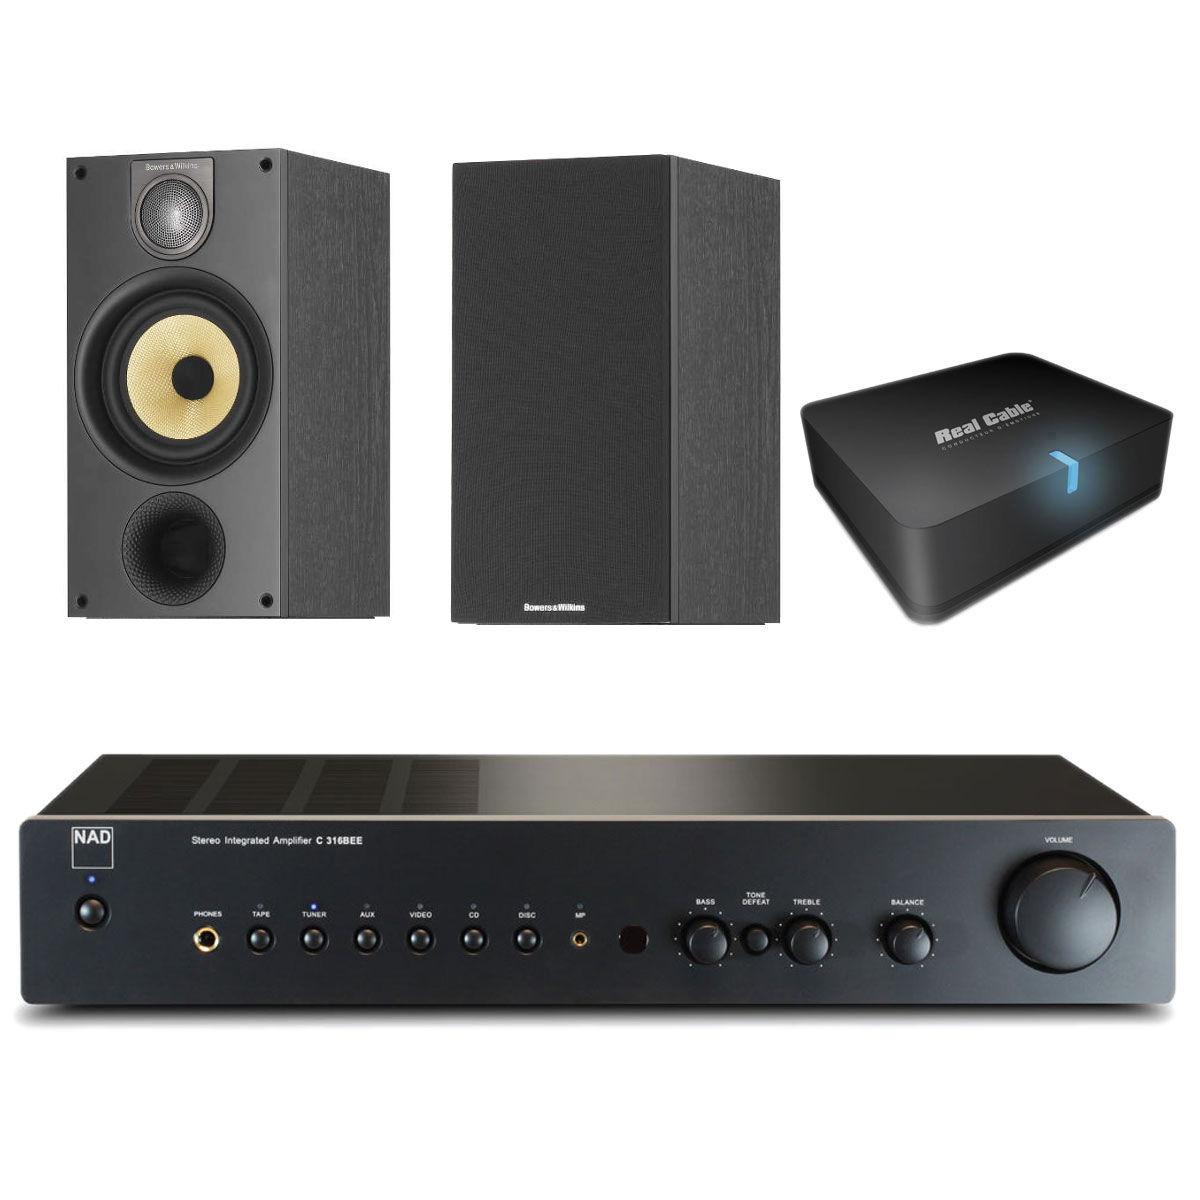 Ensemble Hifi NAD C 316BEE Graphite + B&W 686 S2 Black Ash + Real Cable iPlug-BTR  Amplificateur stéréo intégré 2 x 40 W + Enceinte bibliothèque + Adaptateur Bluetooth APTX pour conversion d'ampli Hi-Fi ou Home-Cinéma en système audio sans fil